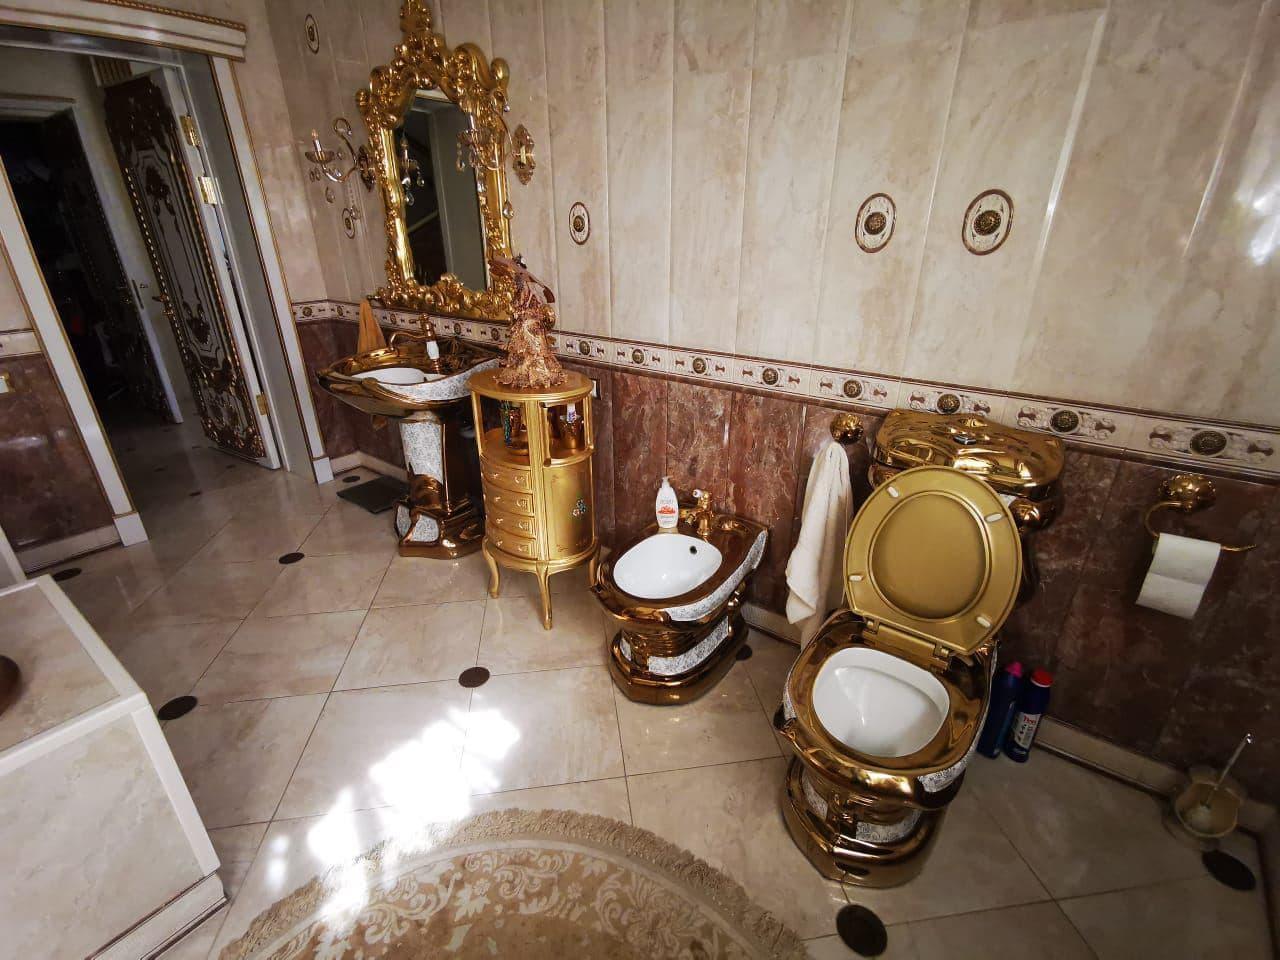 Глава ставропольских гаишников задержан в своем дворце. Вместе с ним арестовано 35 сотрудников краевого УГИБДД